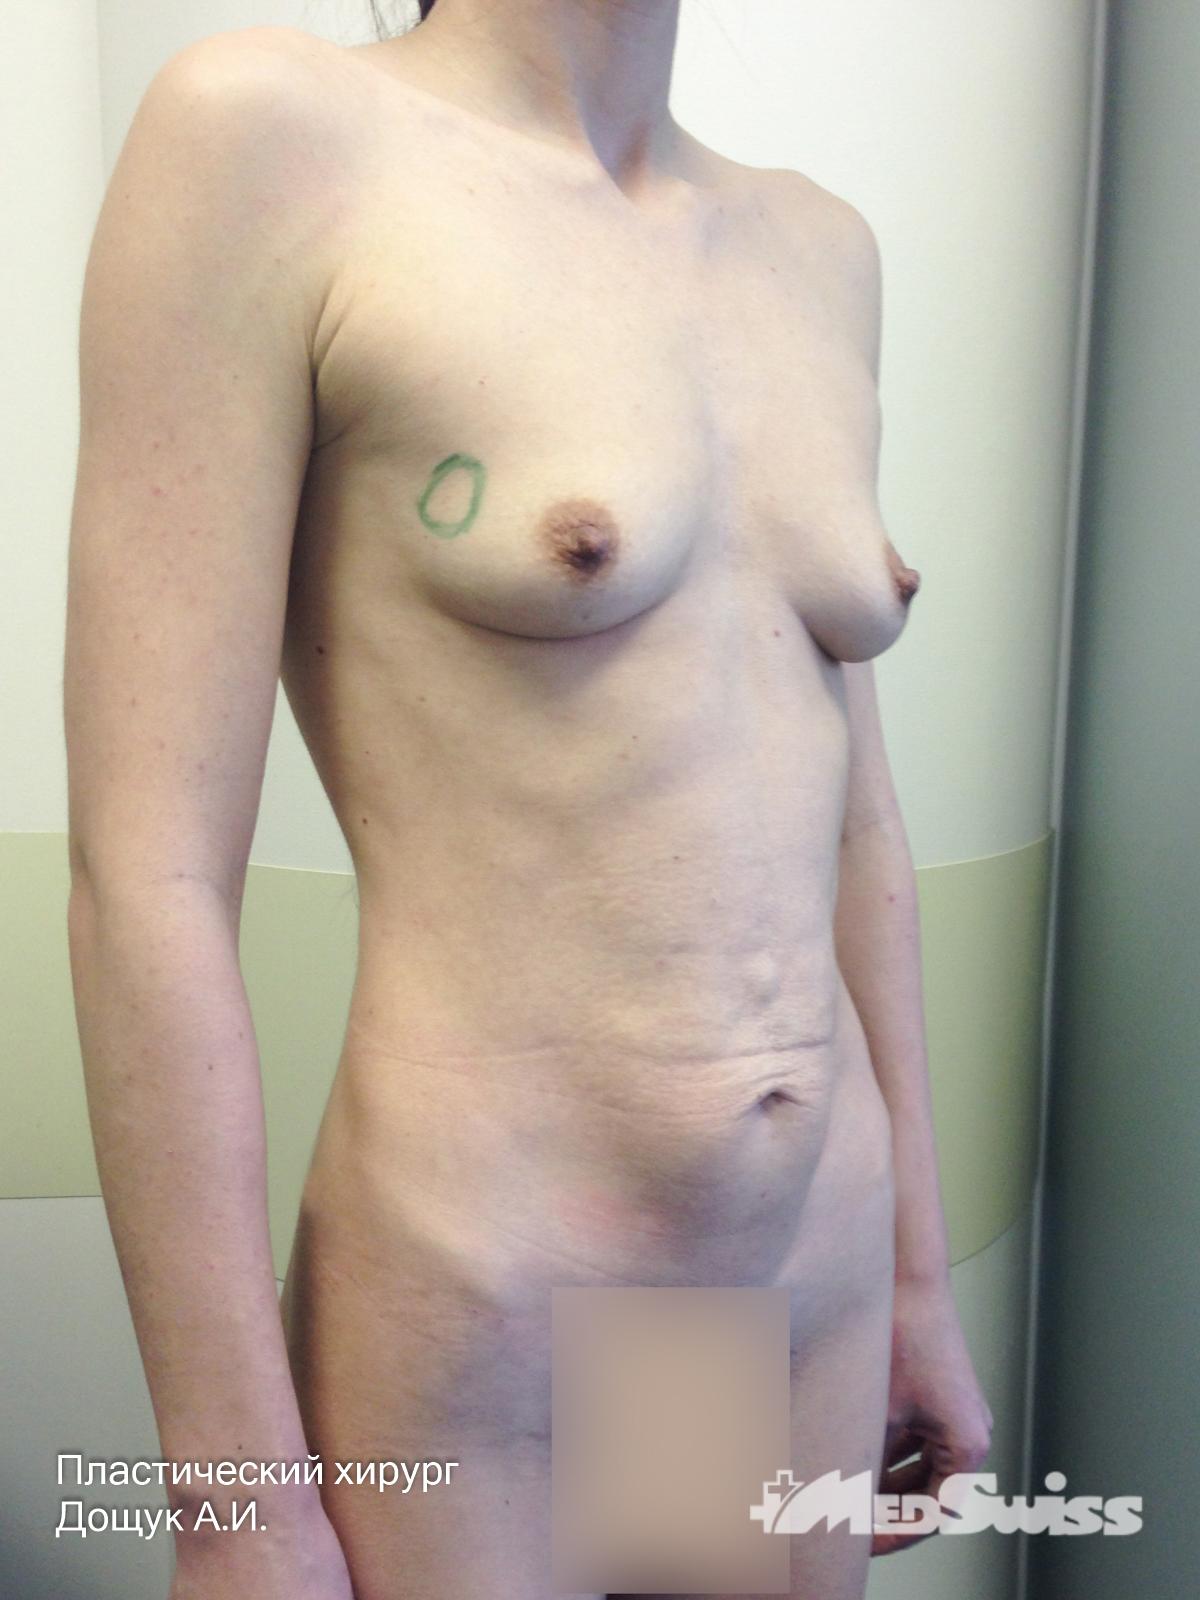 внешпромбанка сидни оана пластический хирург фото работ вуду различны